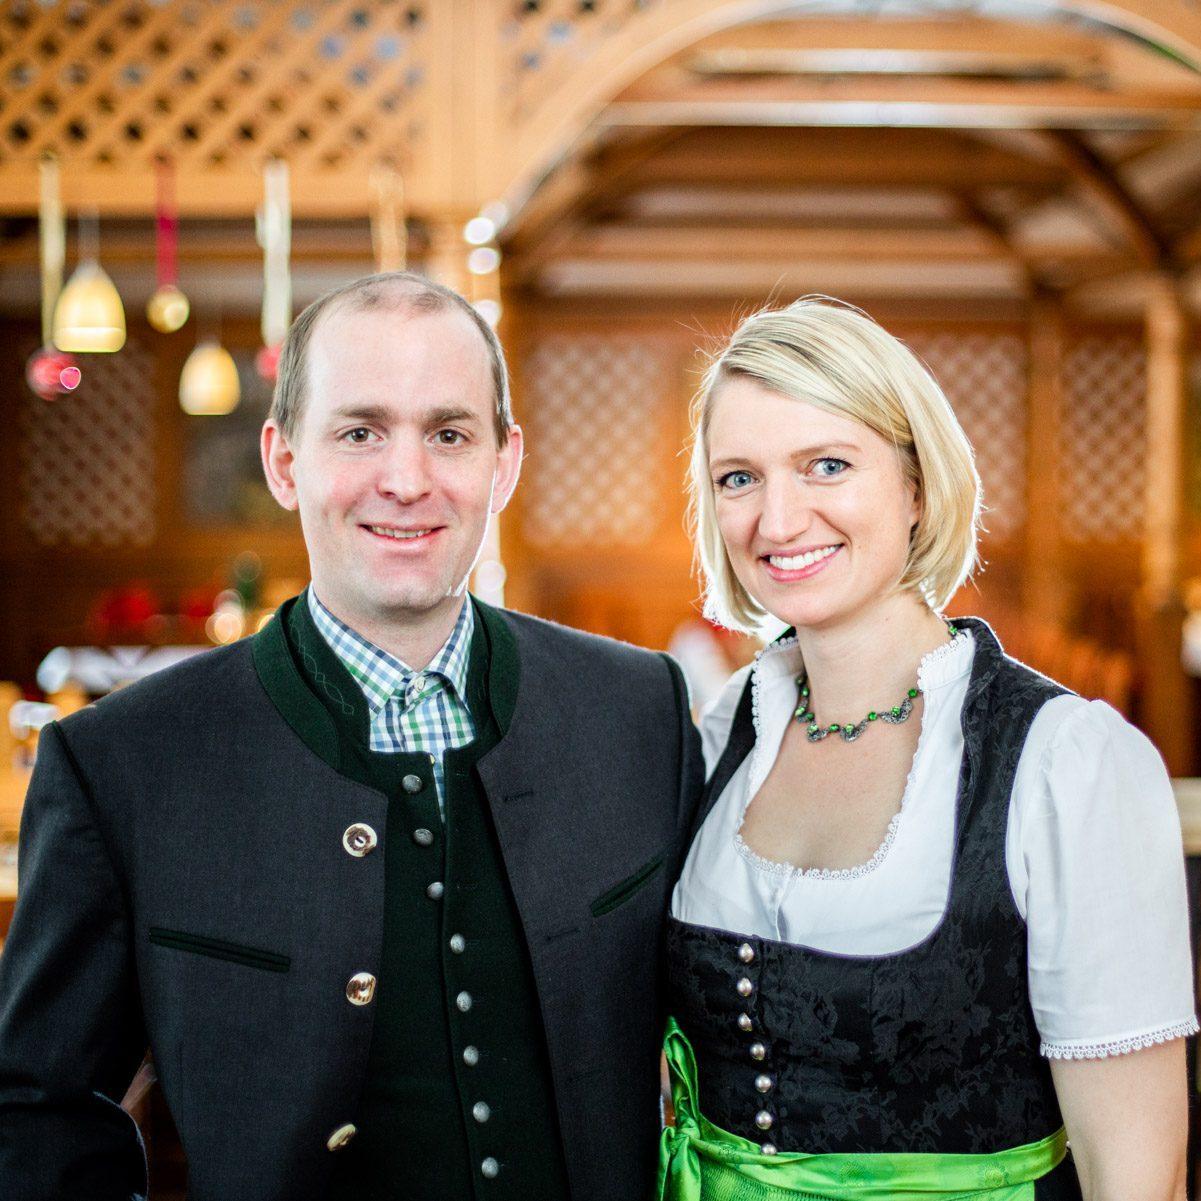 reitsberger-hof-vaterstetten-restaurant-12122018-mokati-173